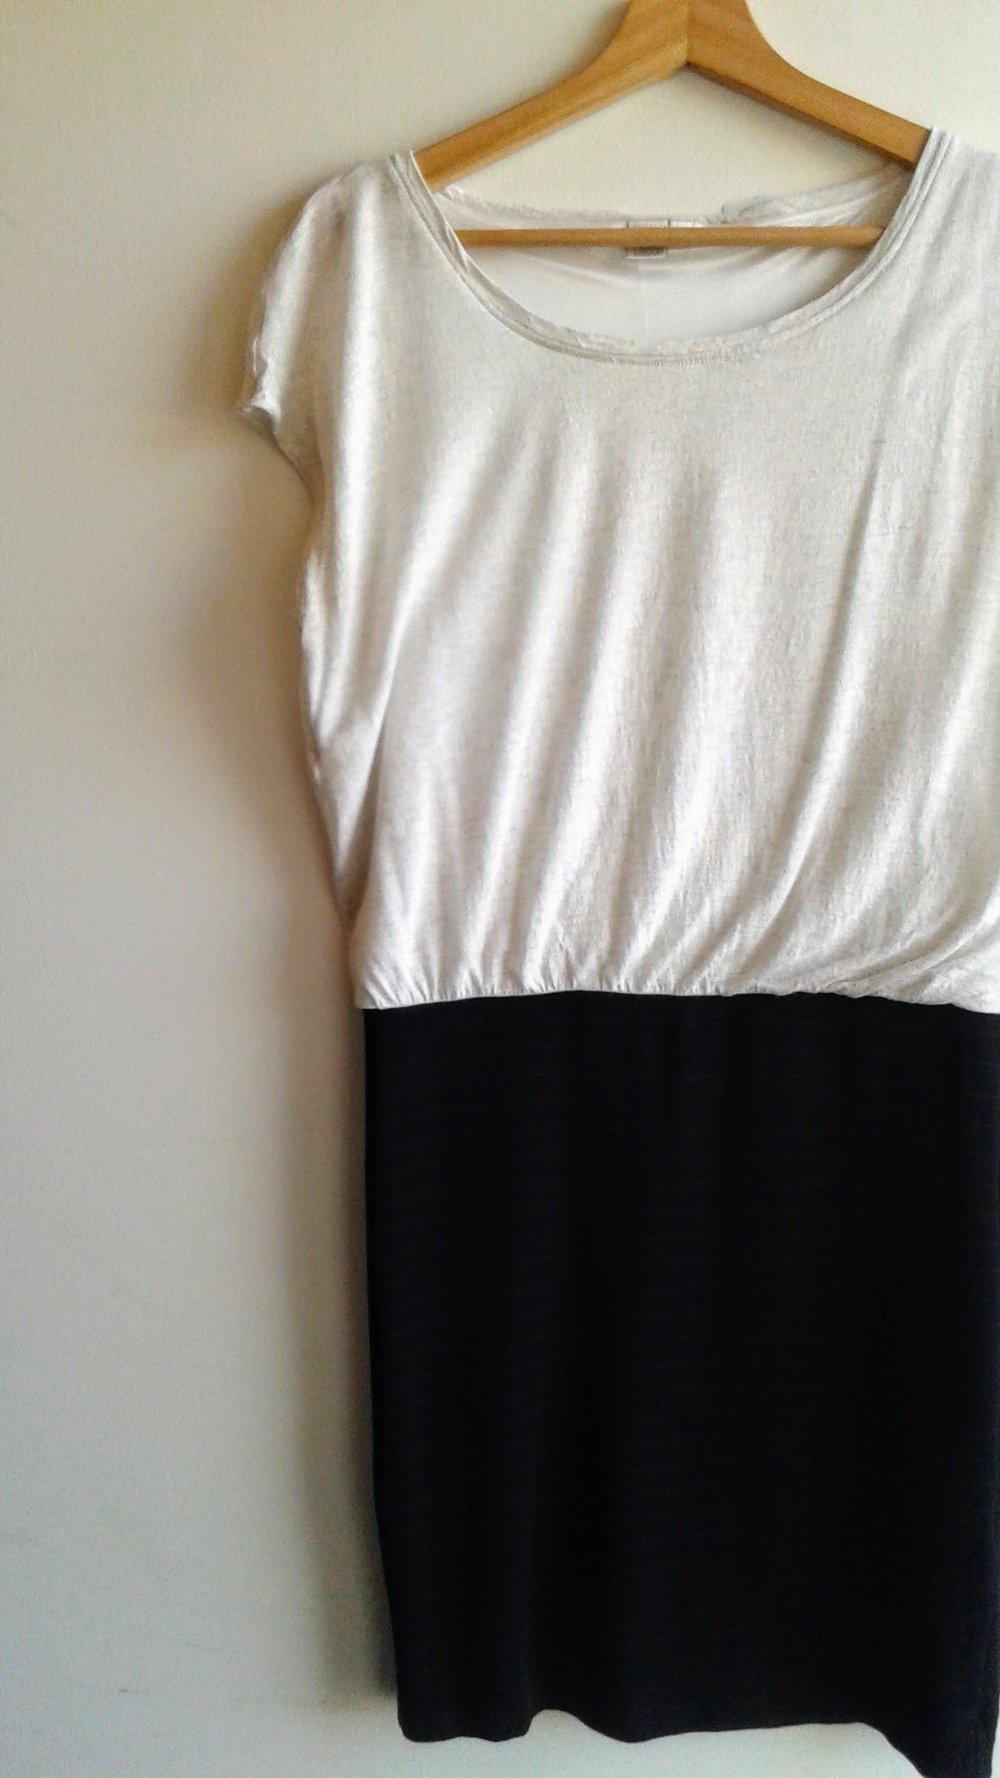 Twik dress; Size L, $28